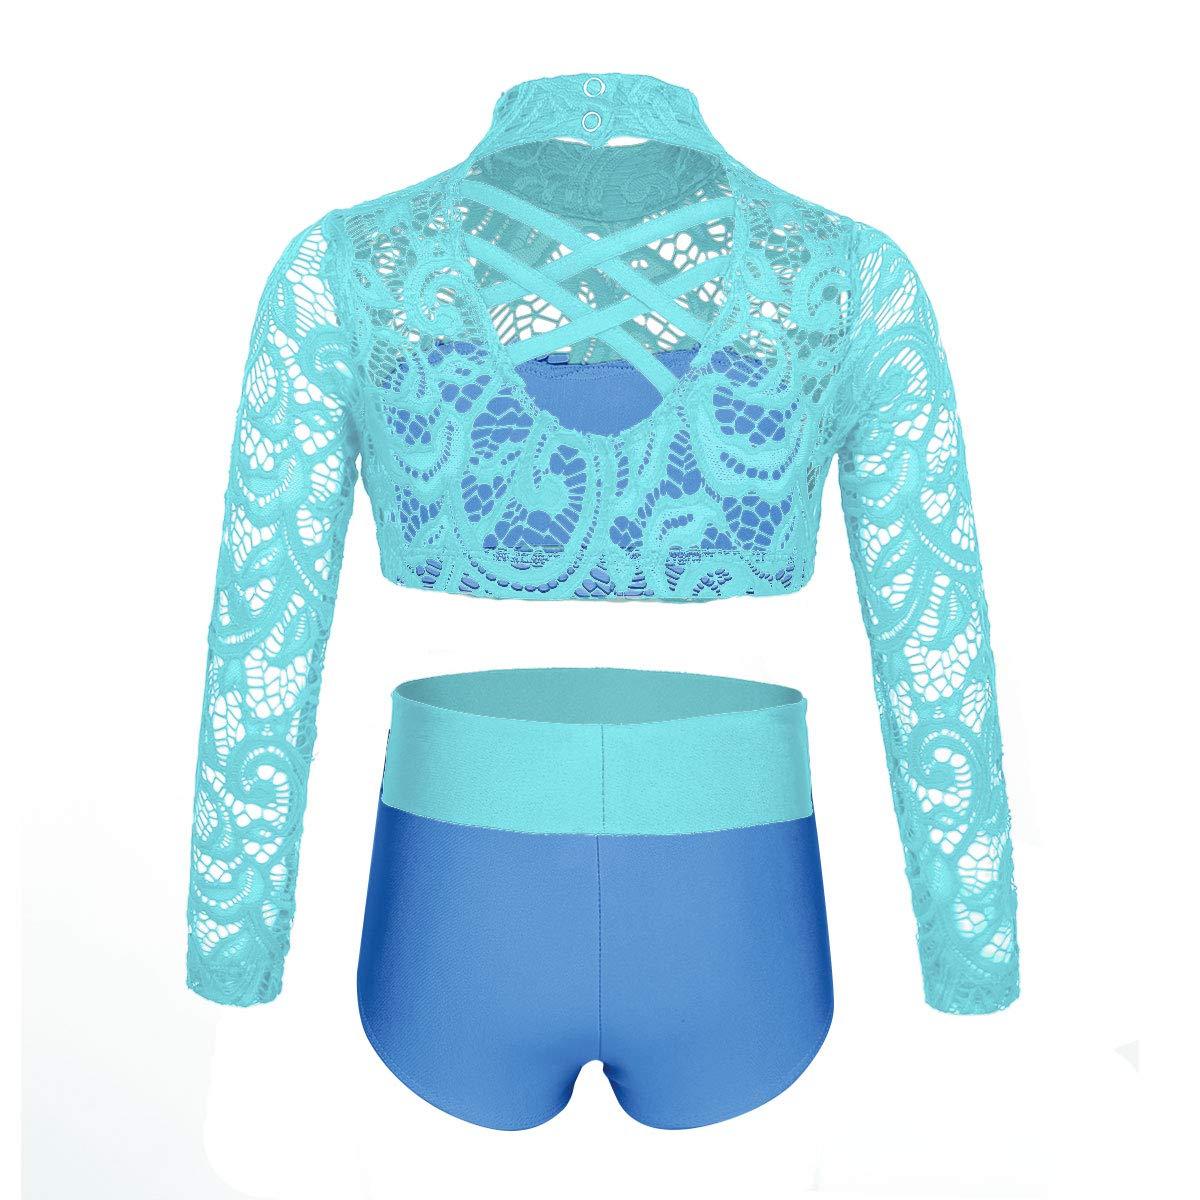 IEFIEL Traje de Bailarina para Ni/ña Danza Ropa de Gimnasia Ritmica Gym Deporte Conjunto Disfraz de Patinaje Artistico para Chicas 6-14 A/ños